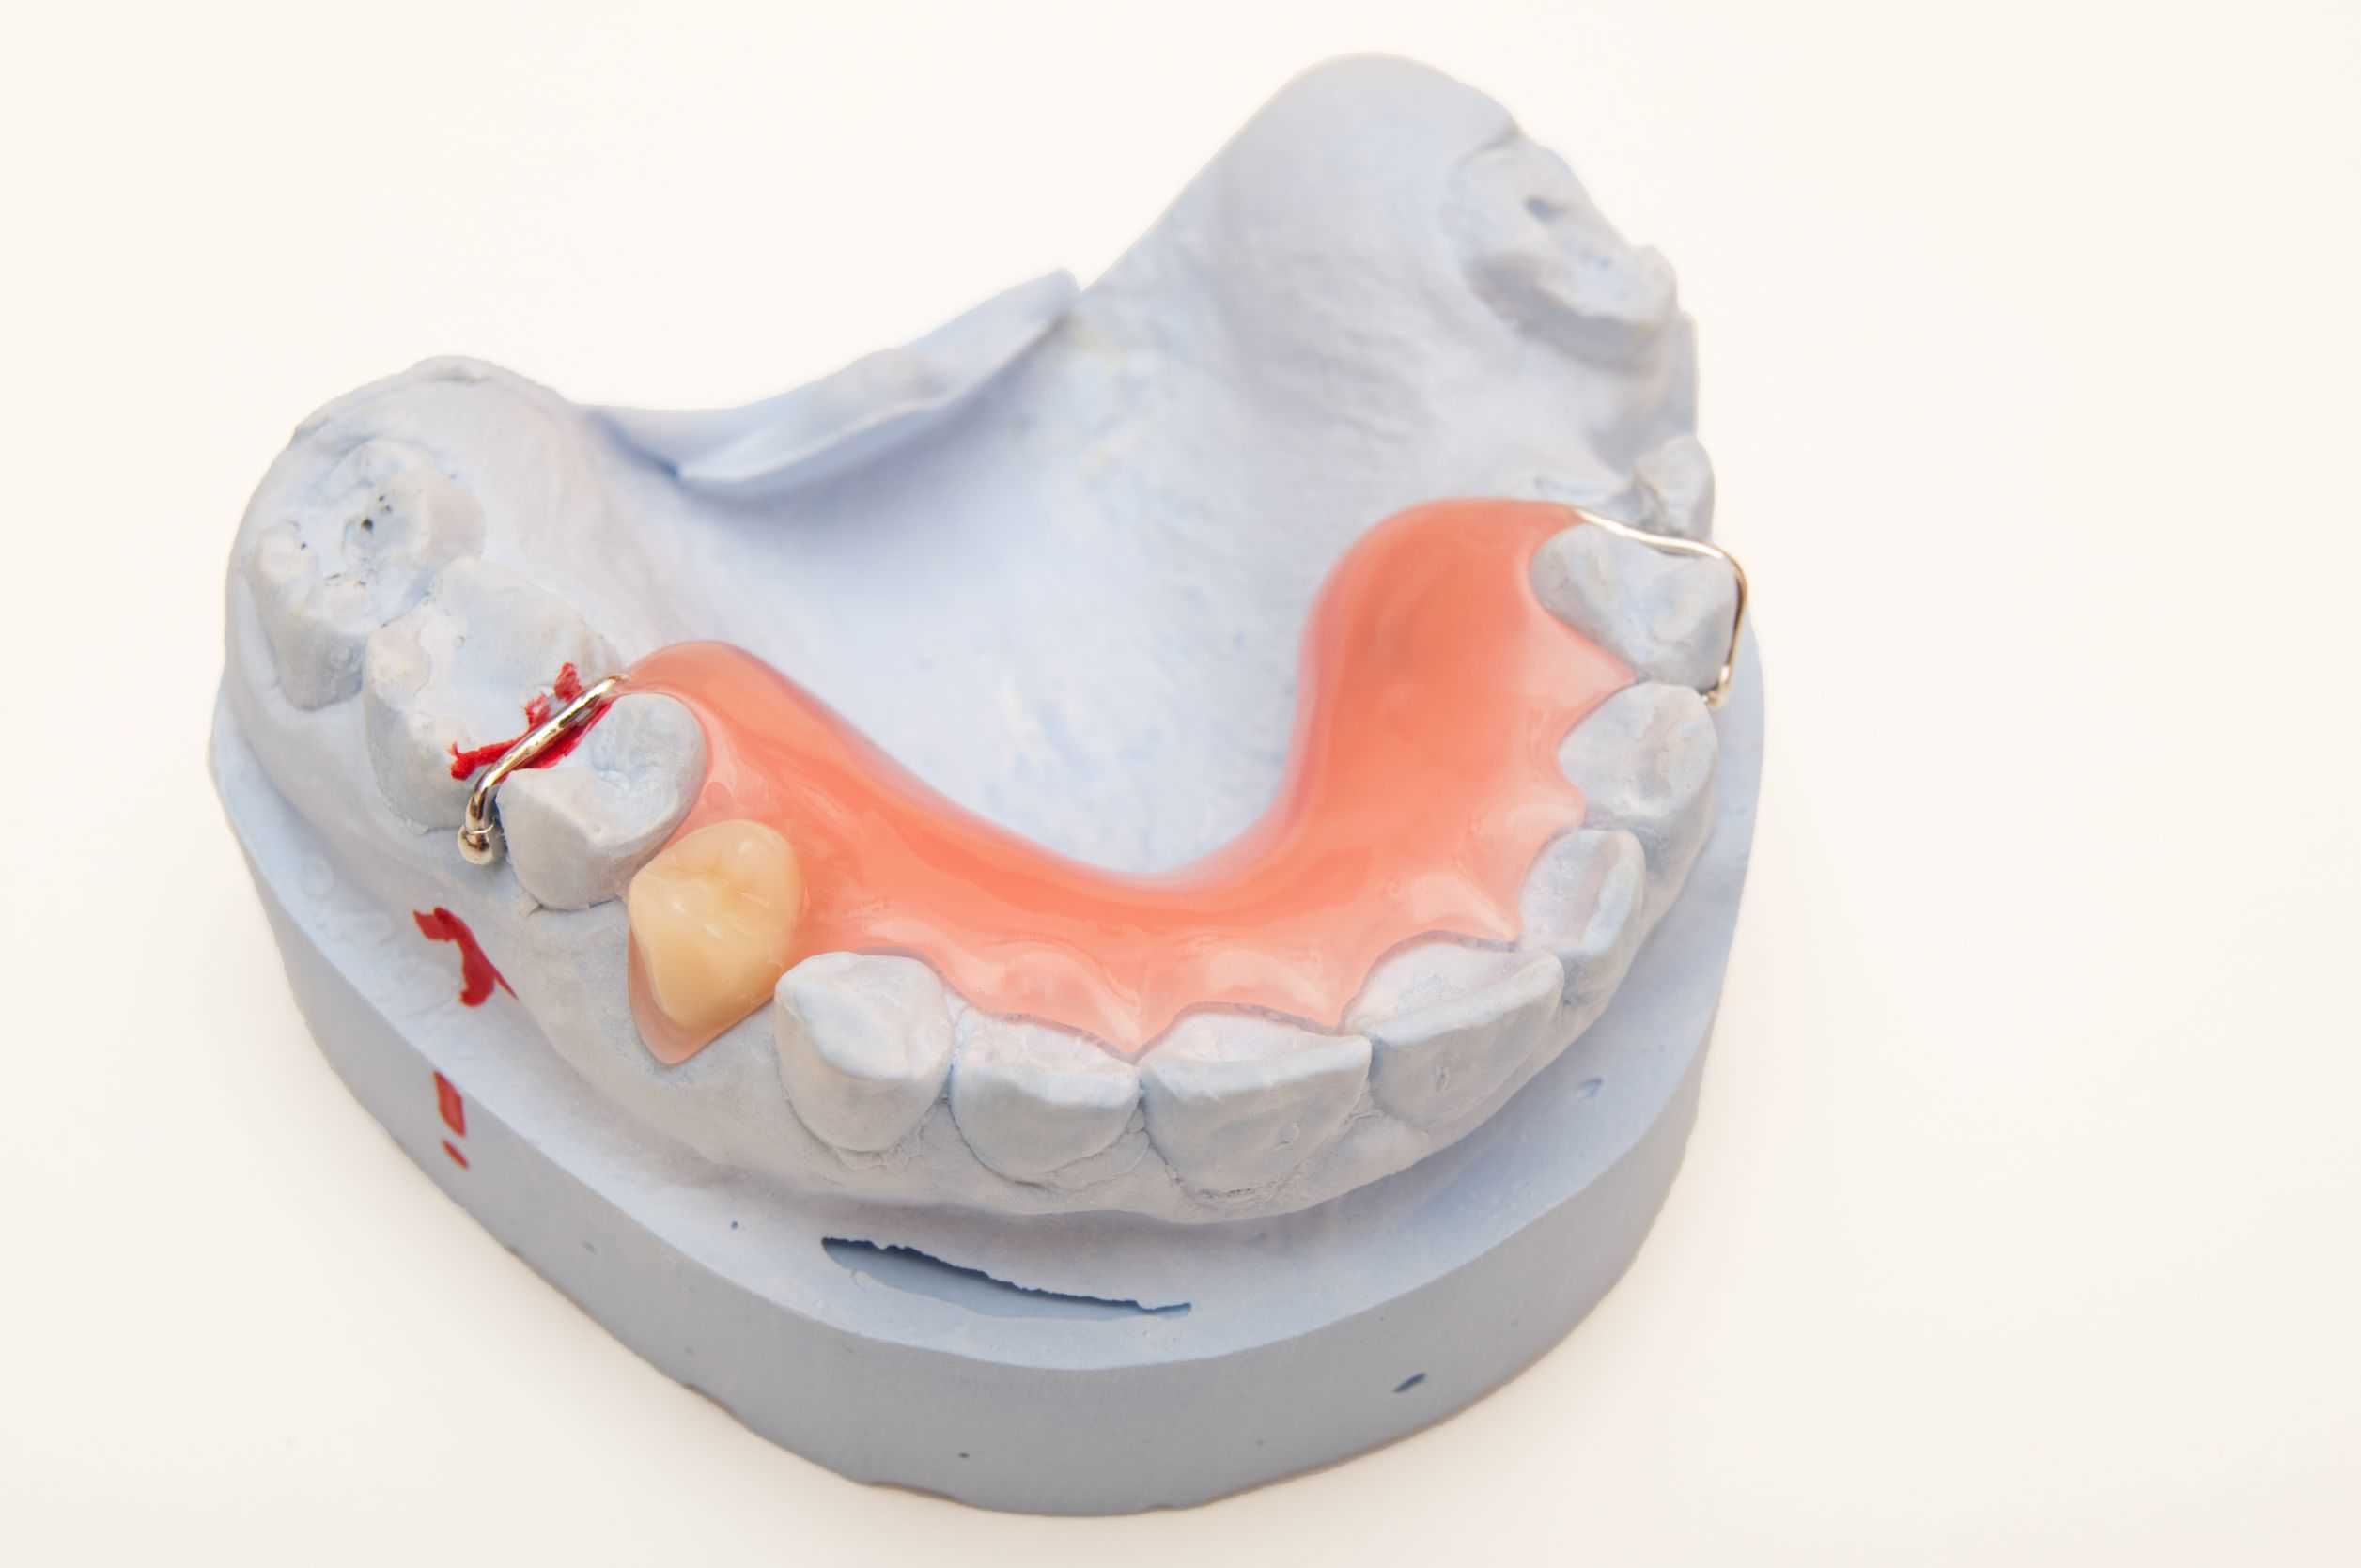 La necesidad de usar prótesis dentales